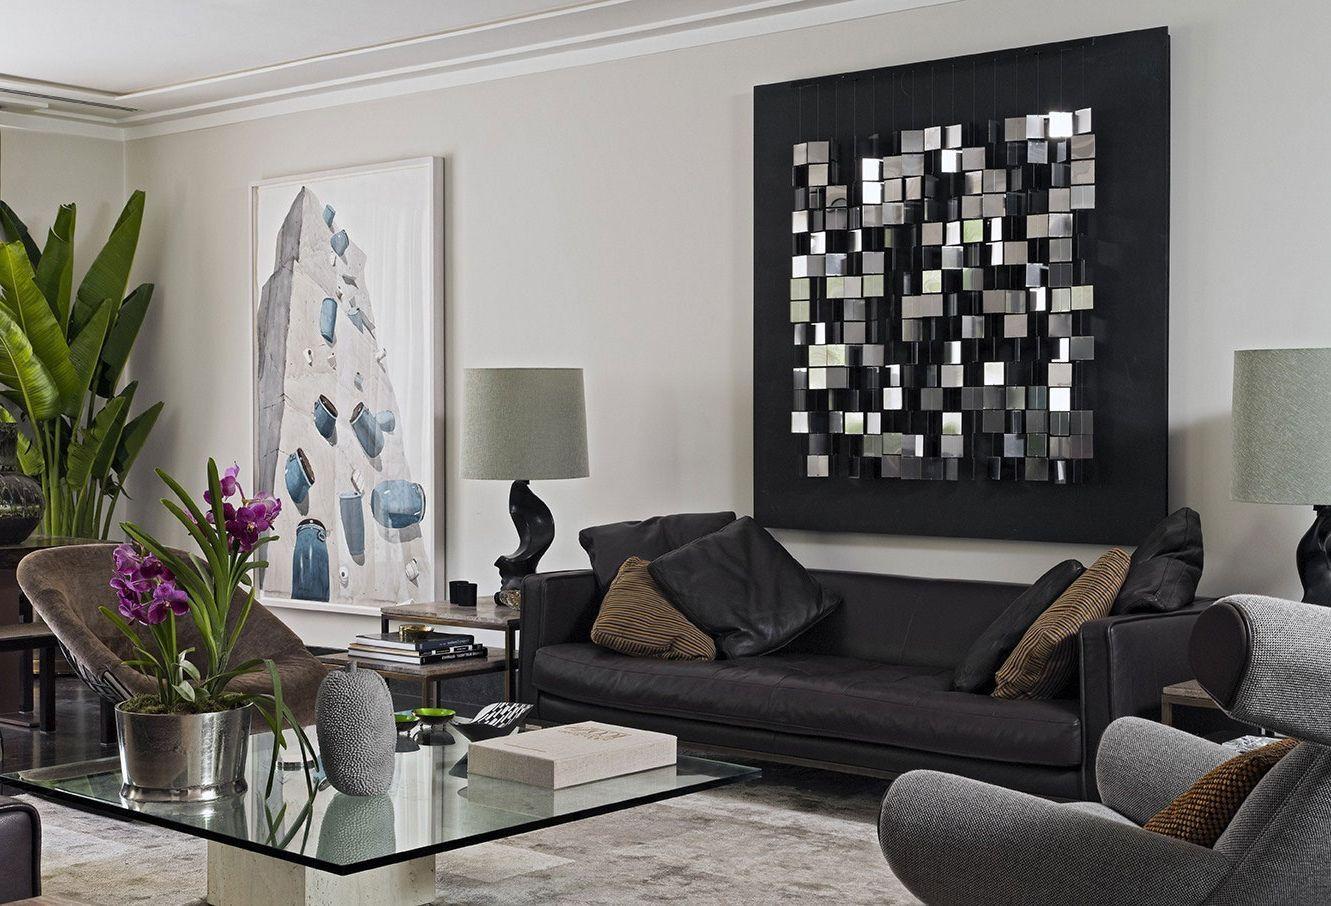 12 Modern Wall Art For Living Room | Crofiz Inside Wall Art For Living Room (Image 1 of 20)